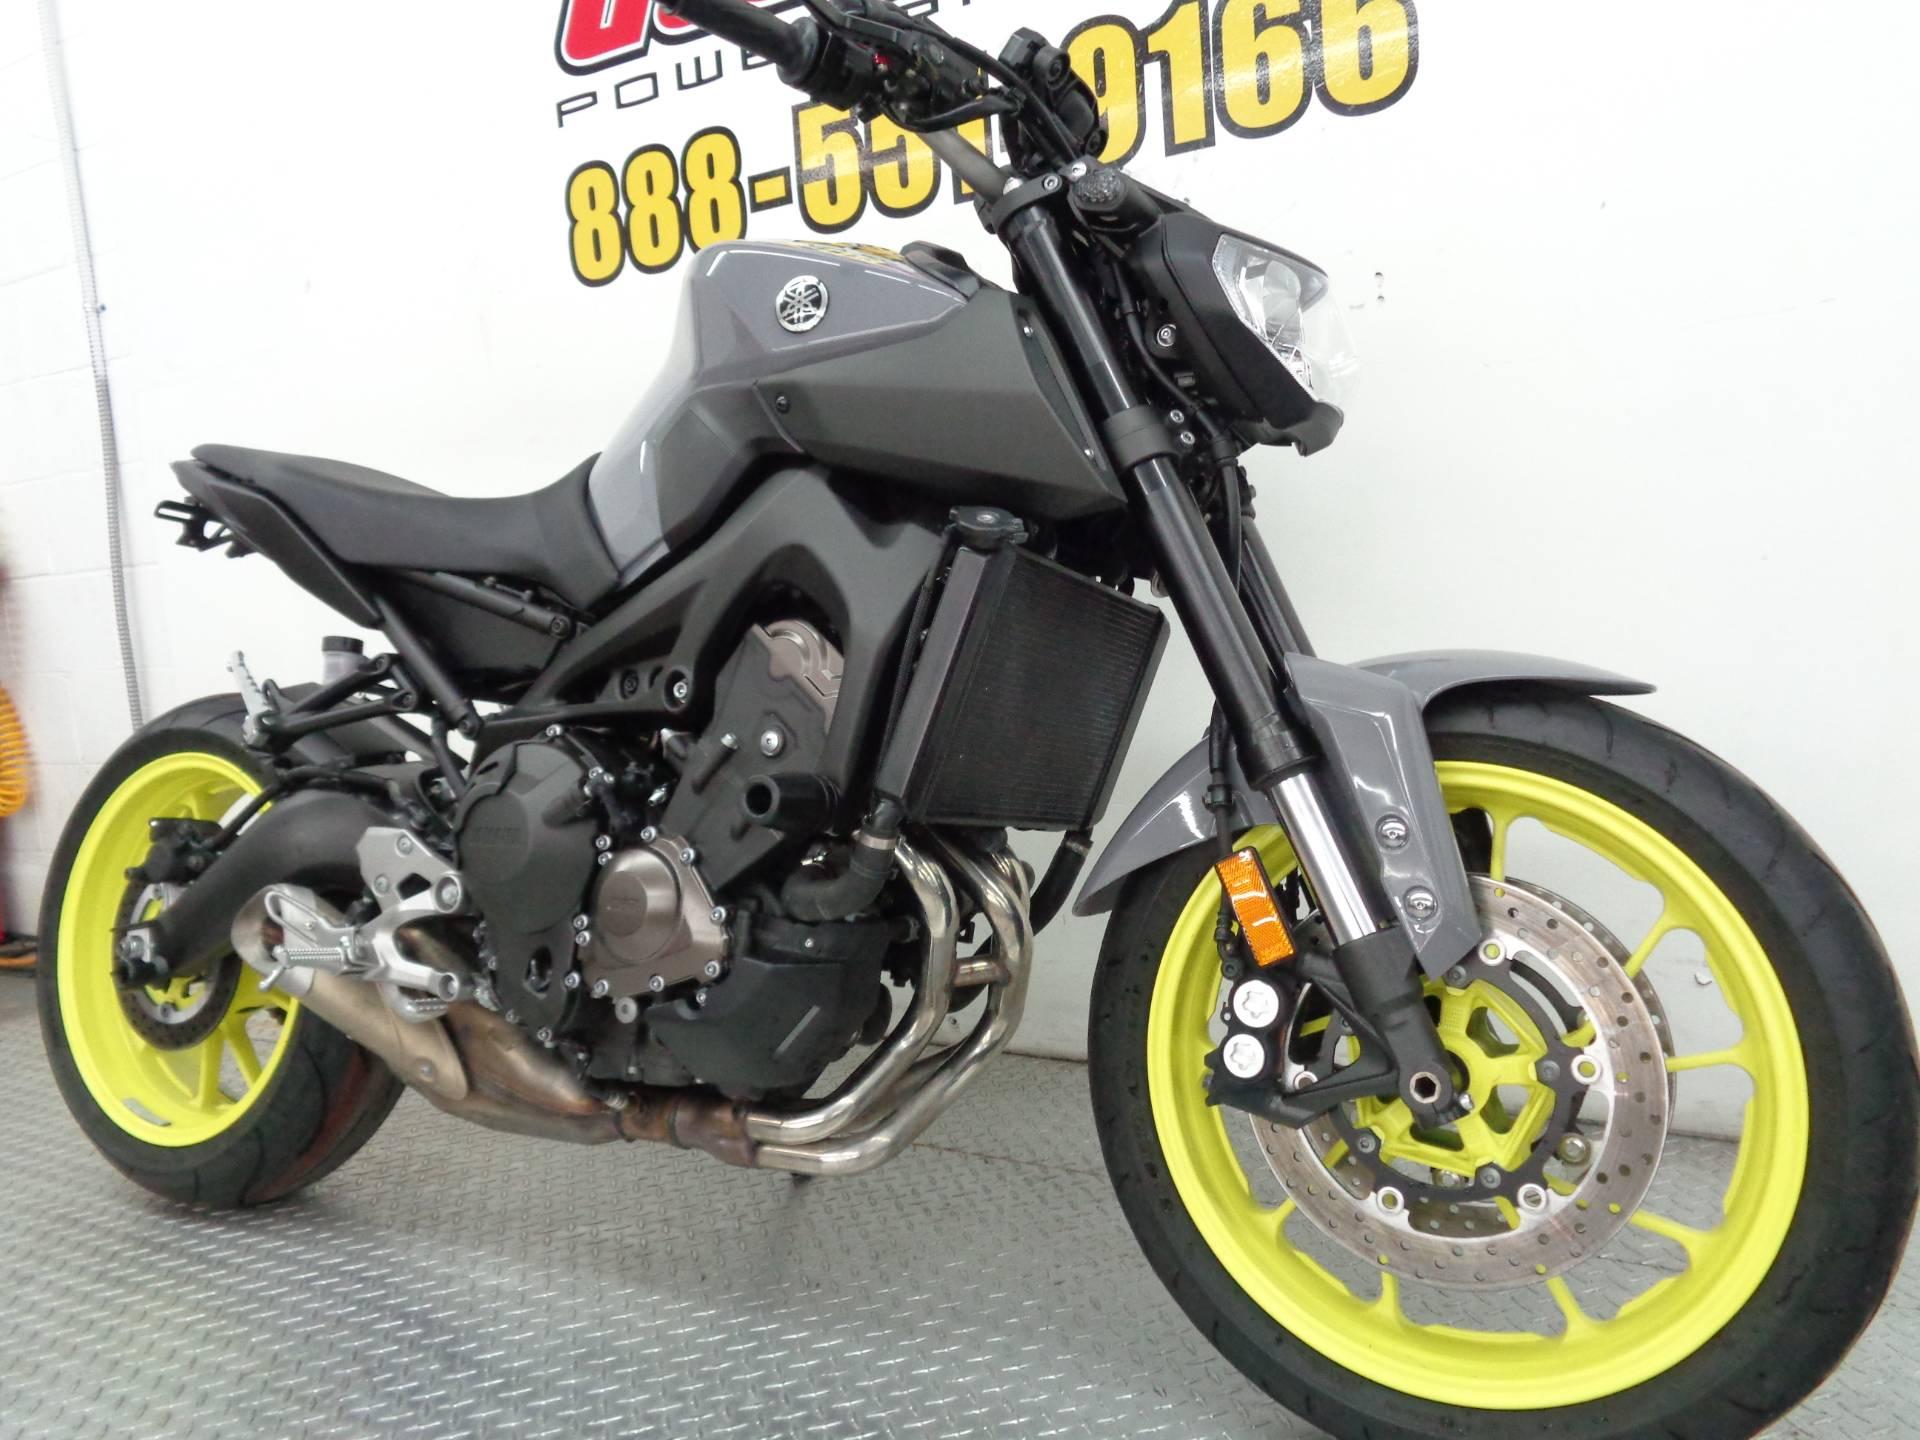 2016 Yamaha FZ-09 3